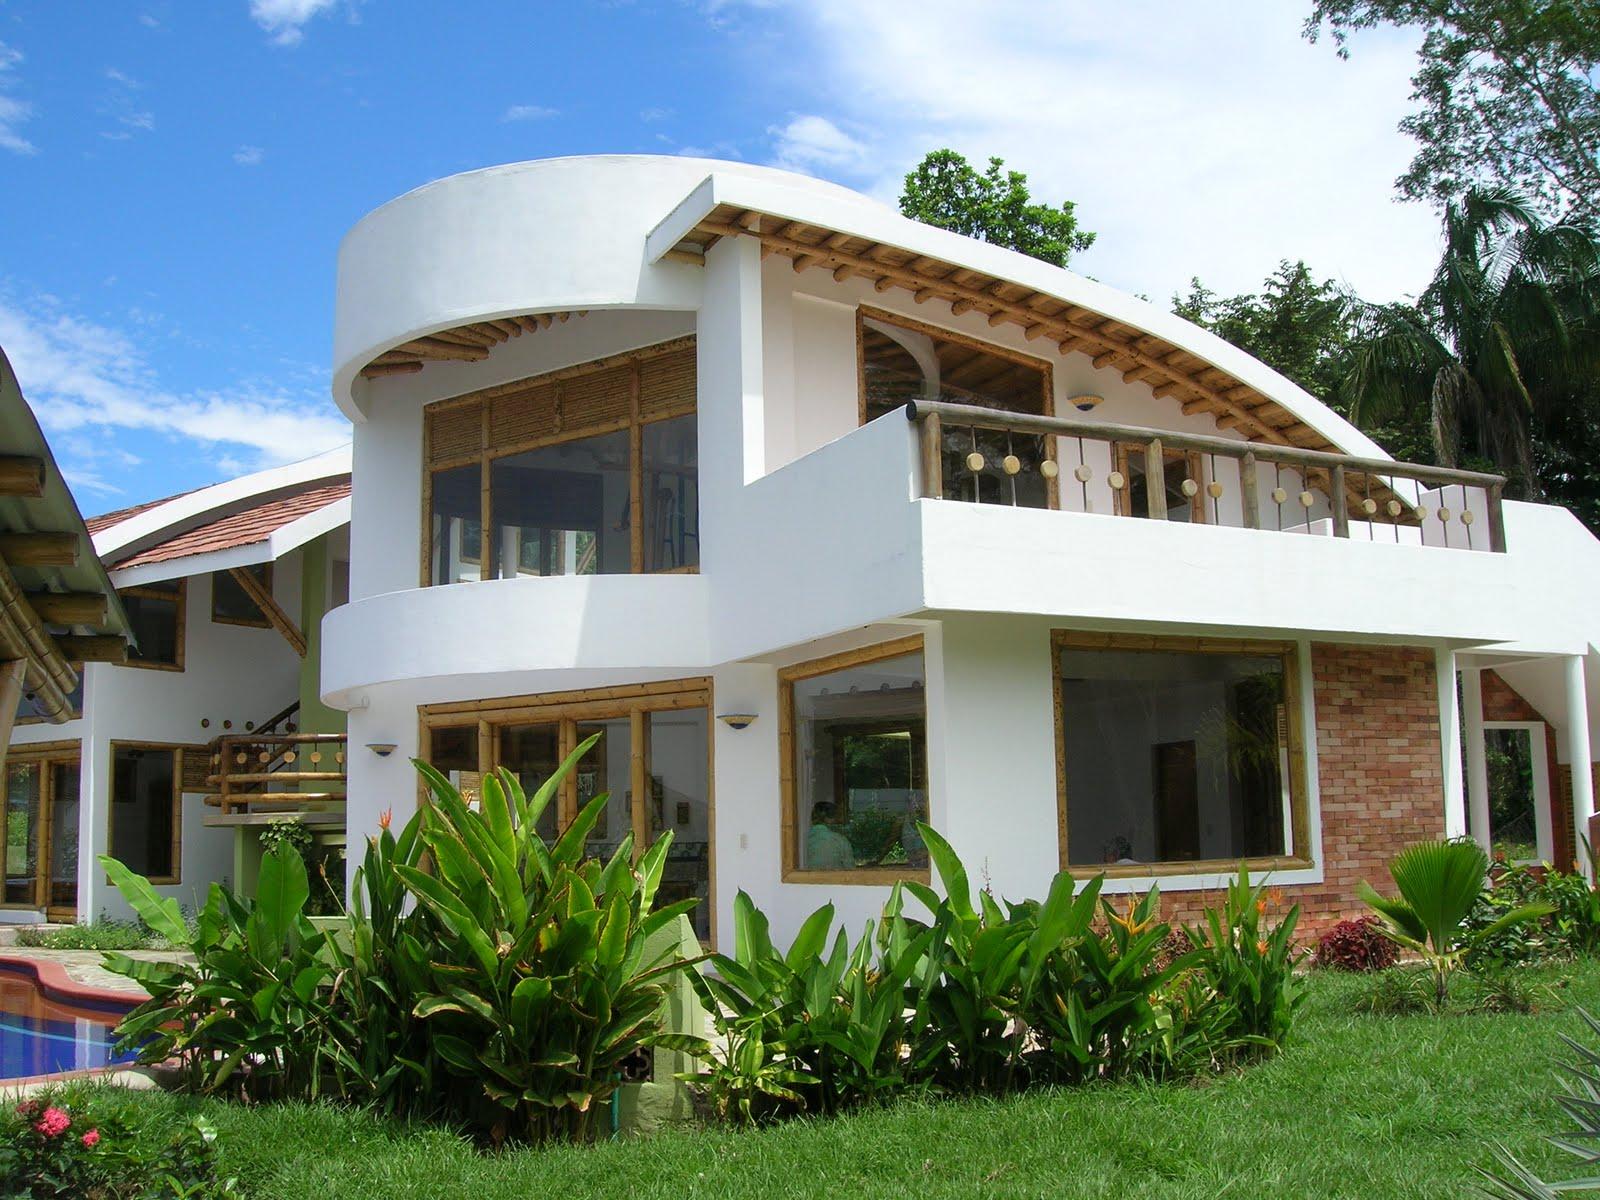 alquiler y venta casas colombia casa para alquilar en On casas en alquiler en buga